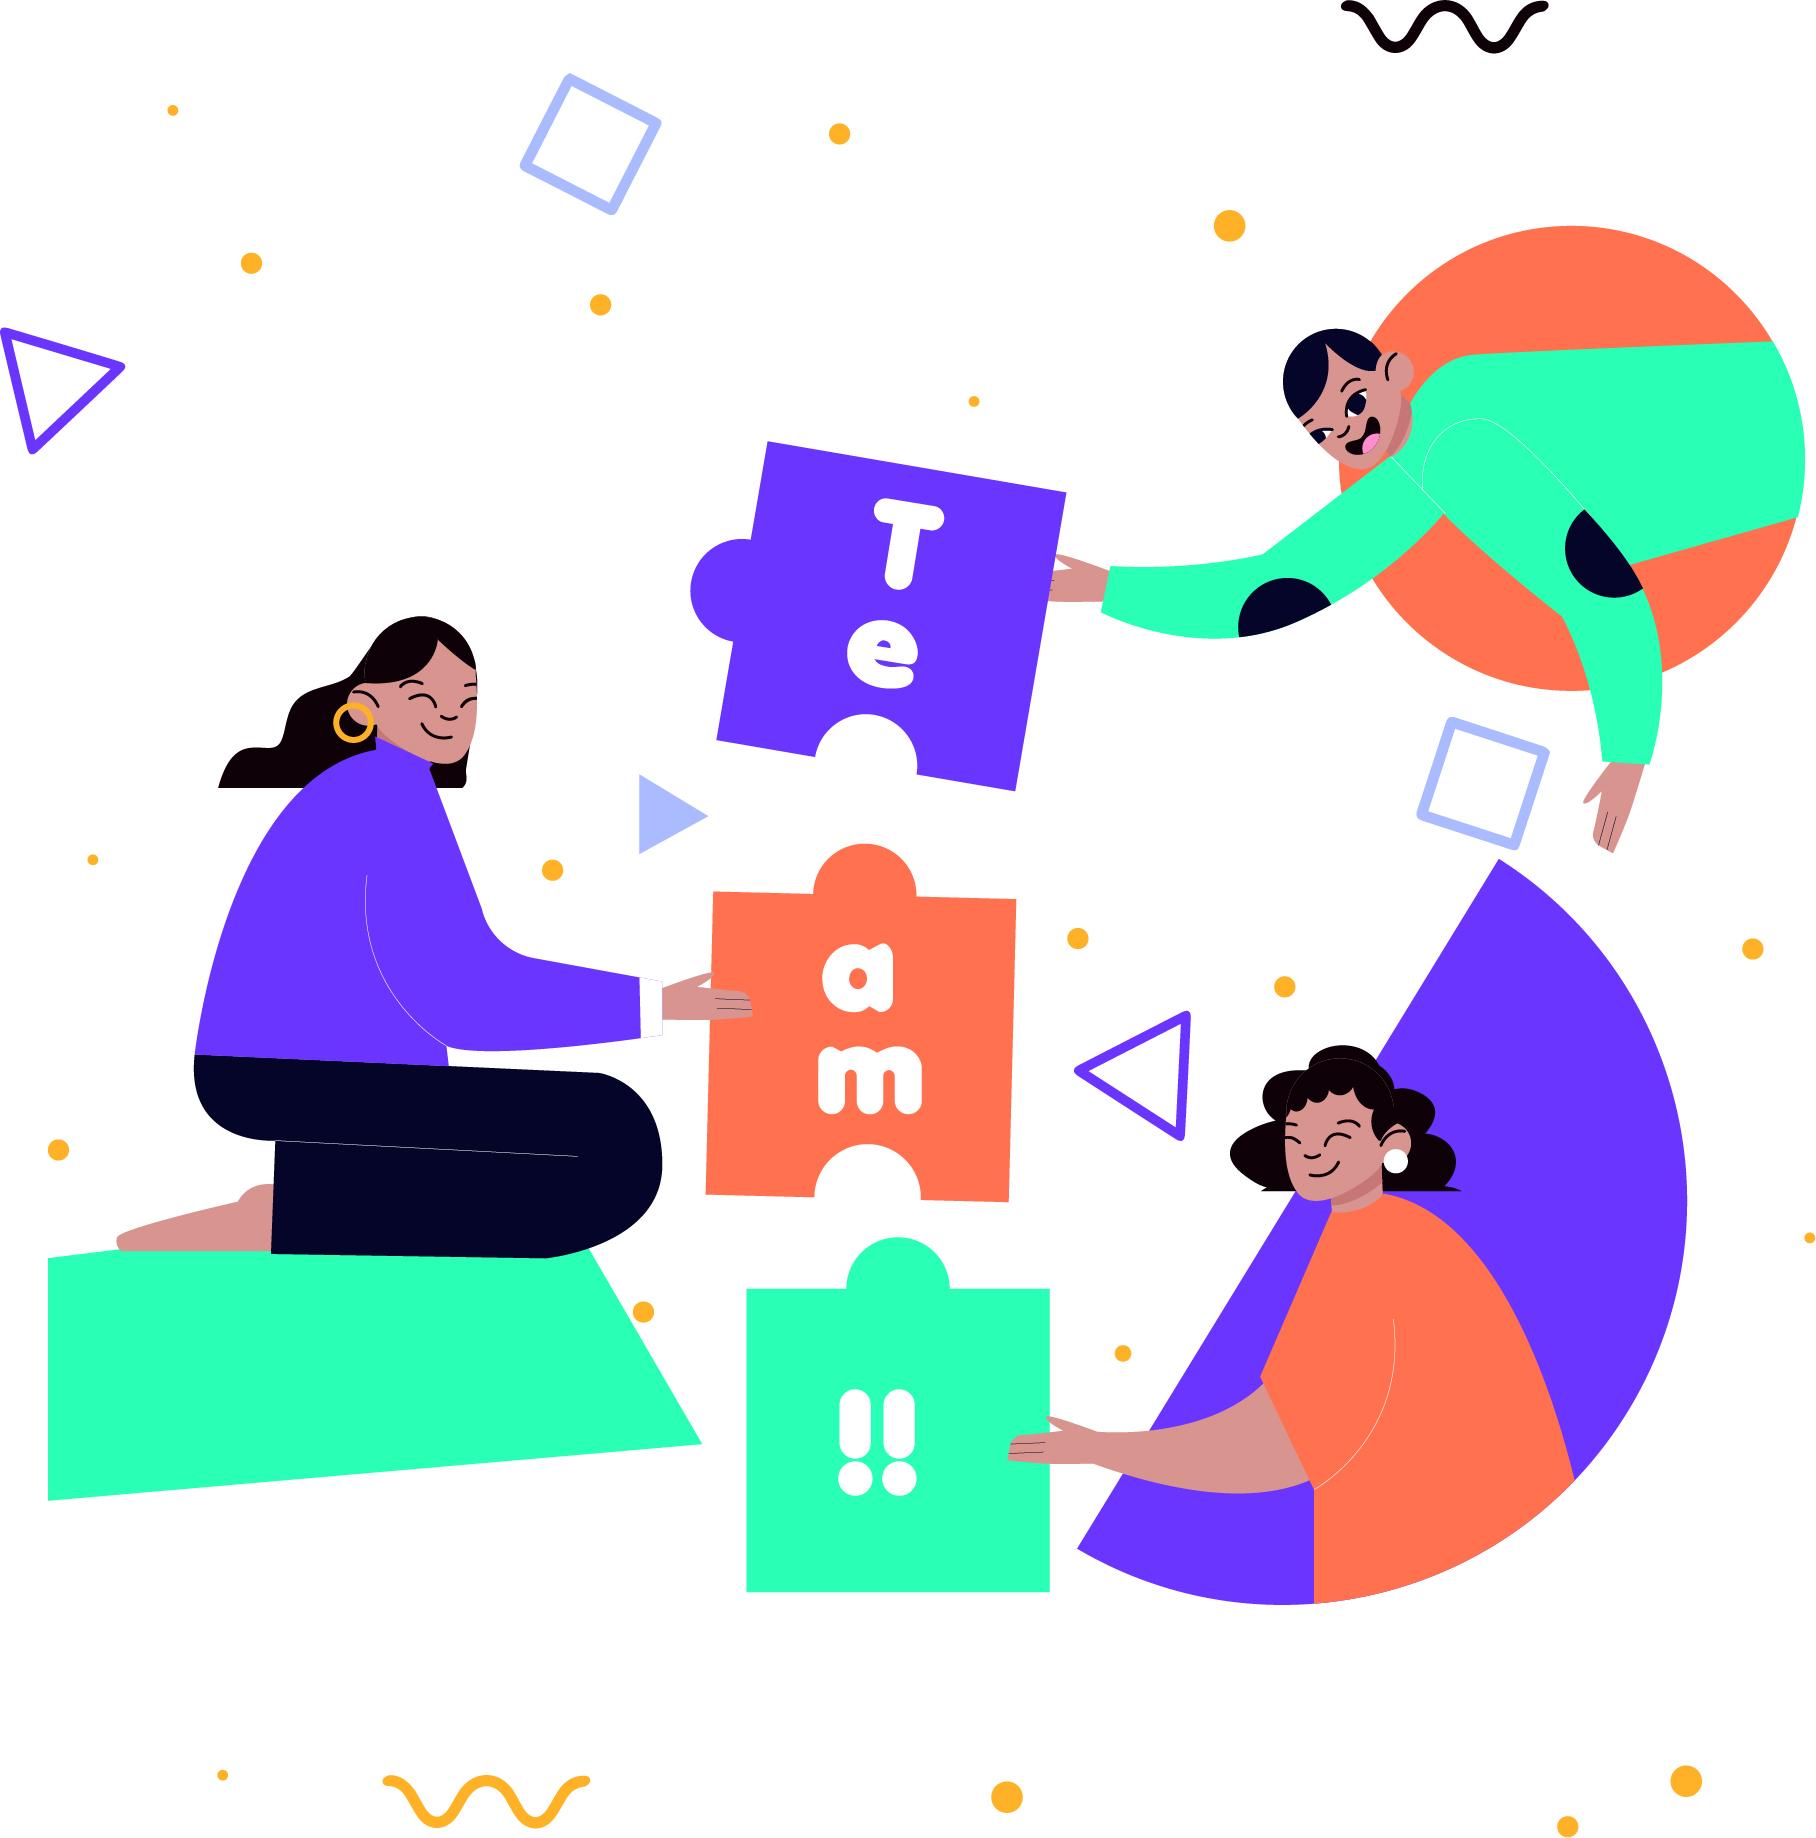 Felicidad y productividad: cómo lograr que nuestros colaboradores estén a gusto en su trabajo